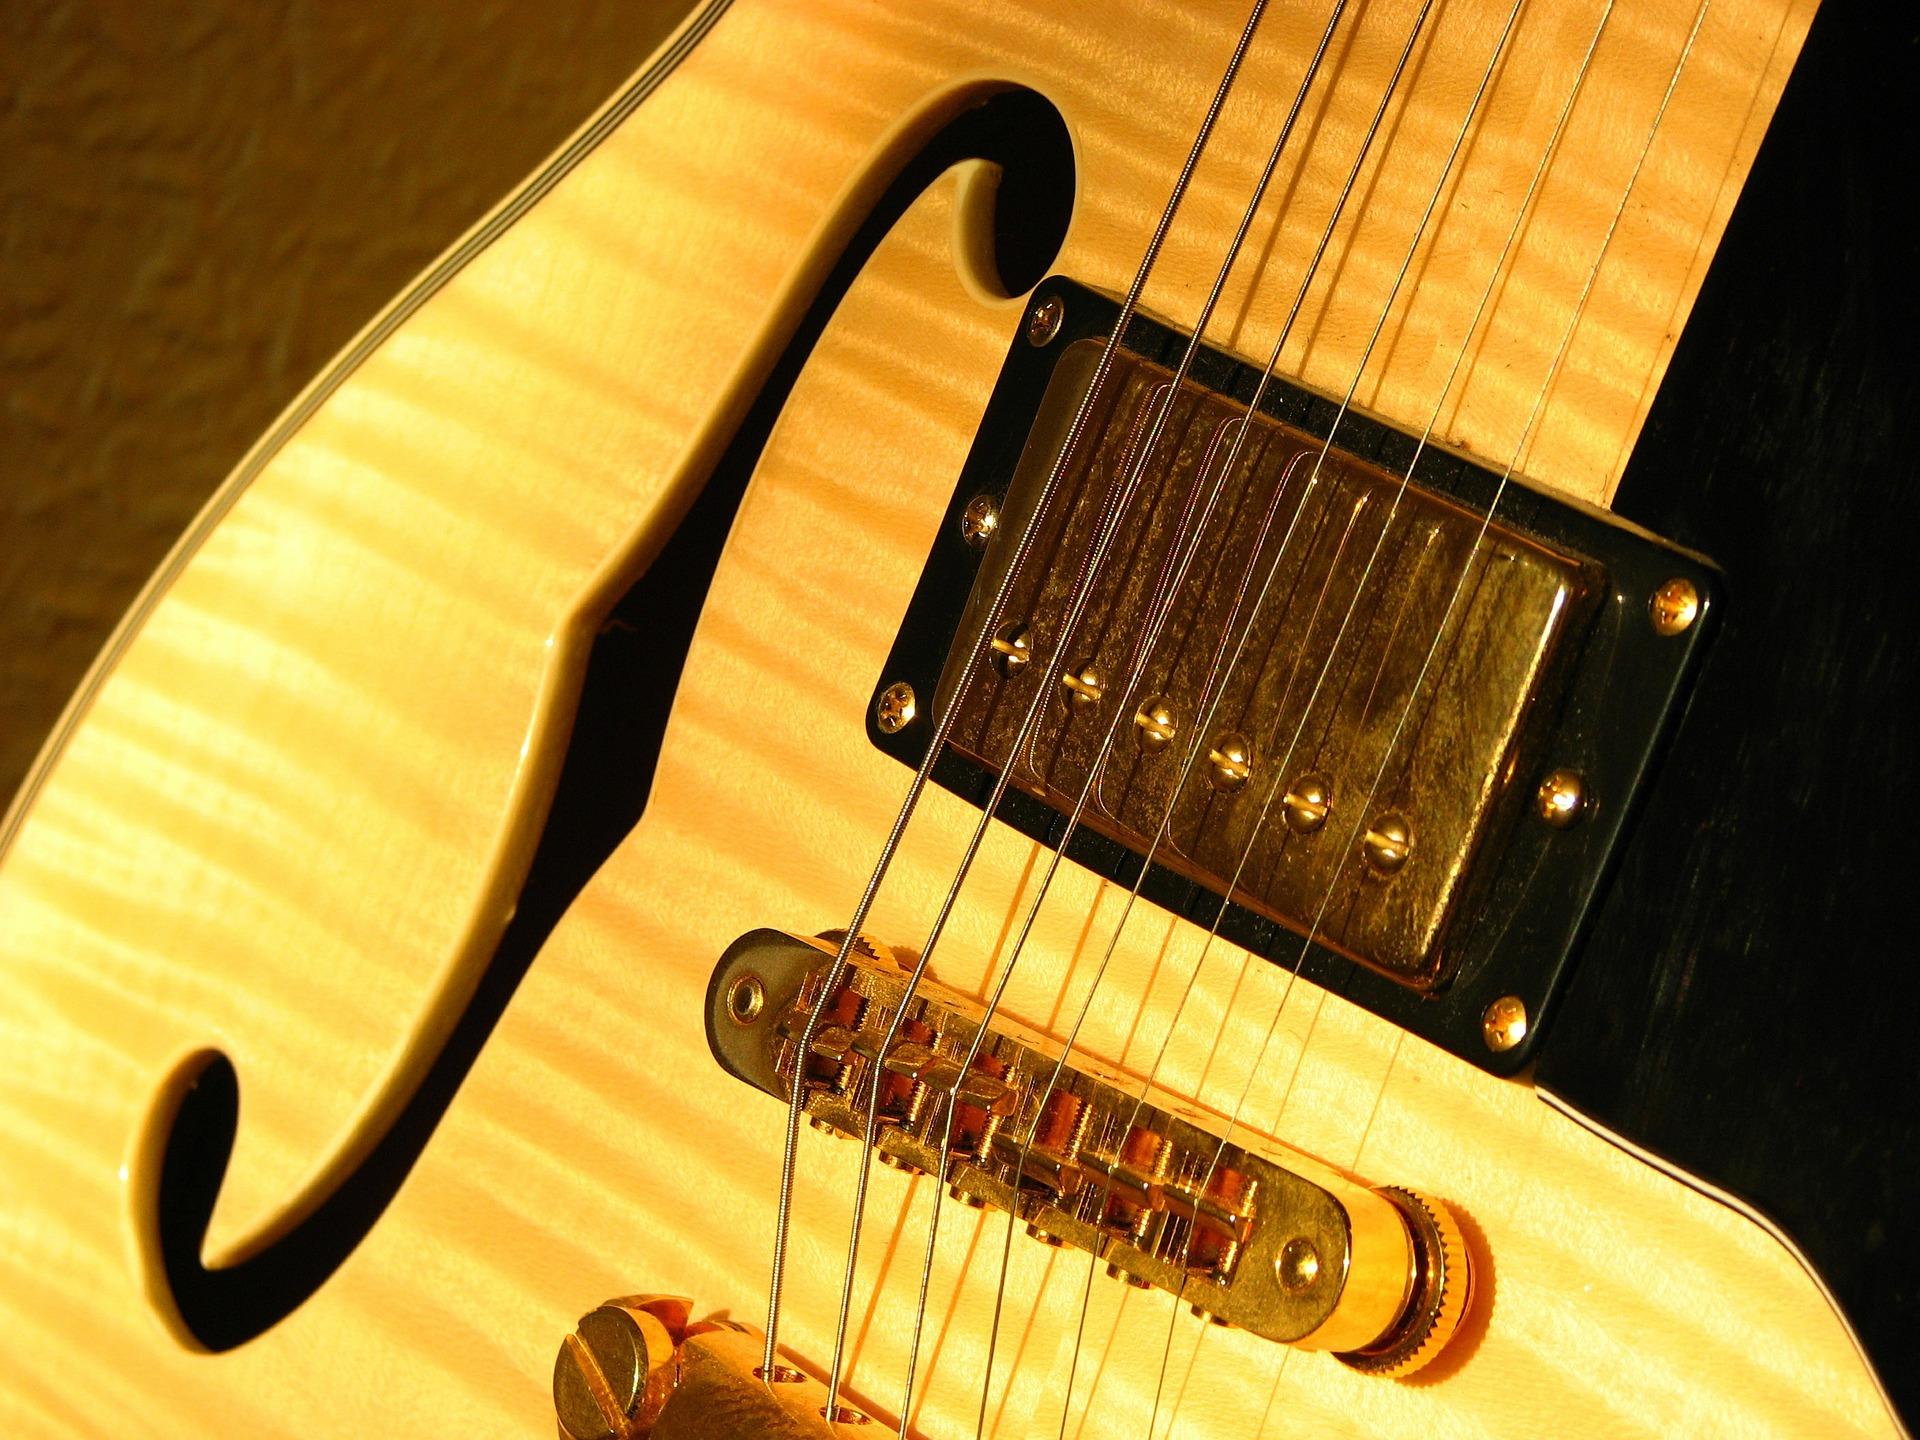 guitar-469116_1920